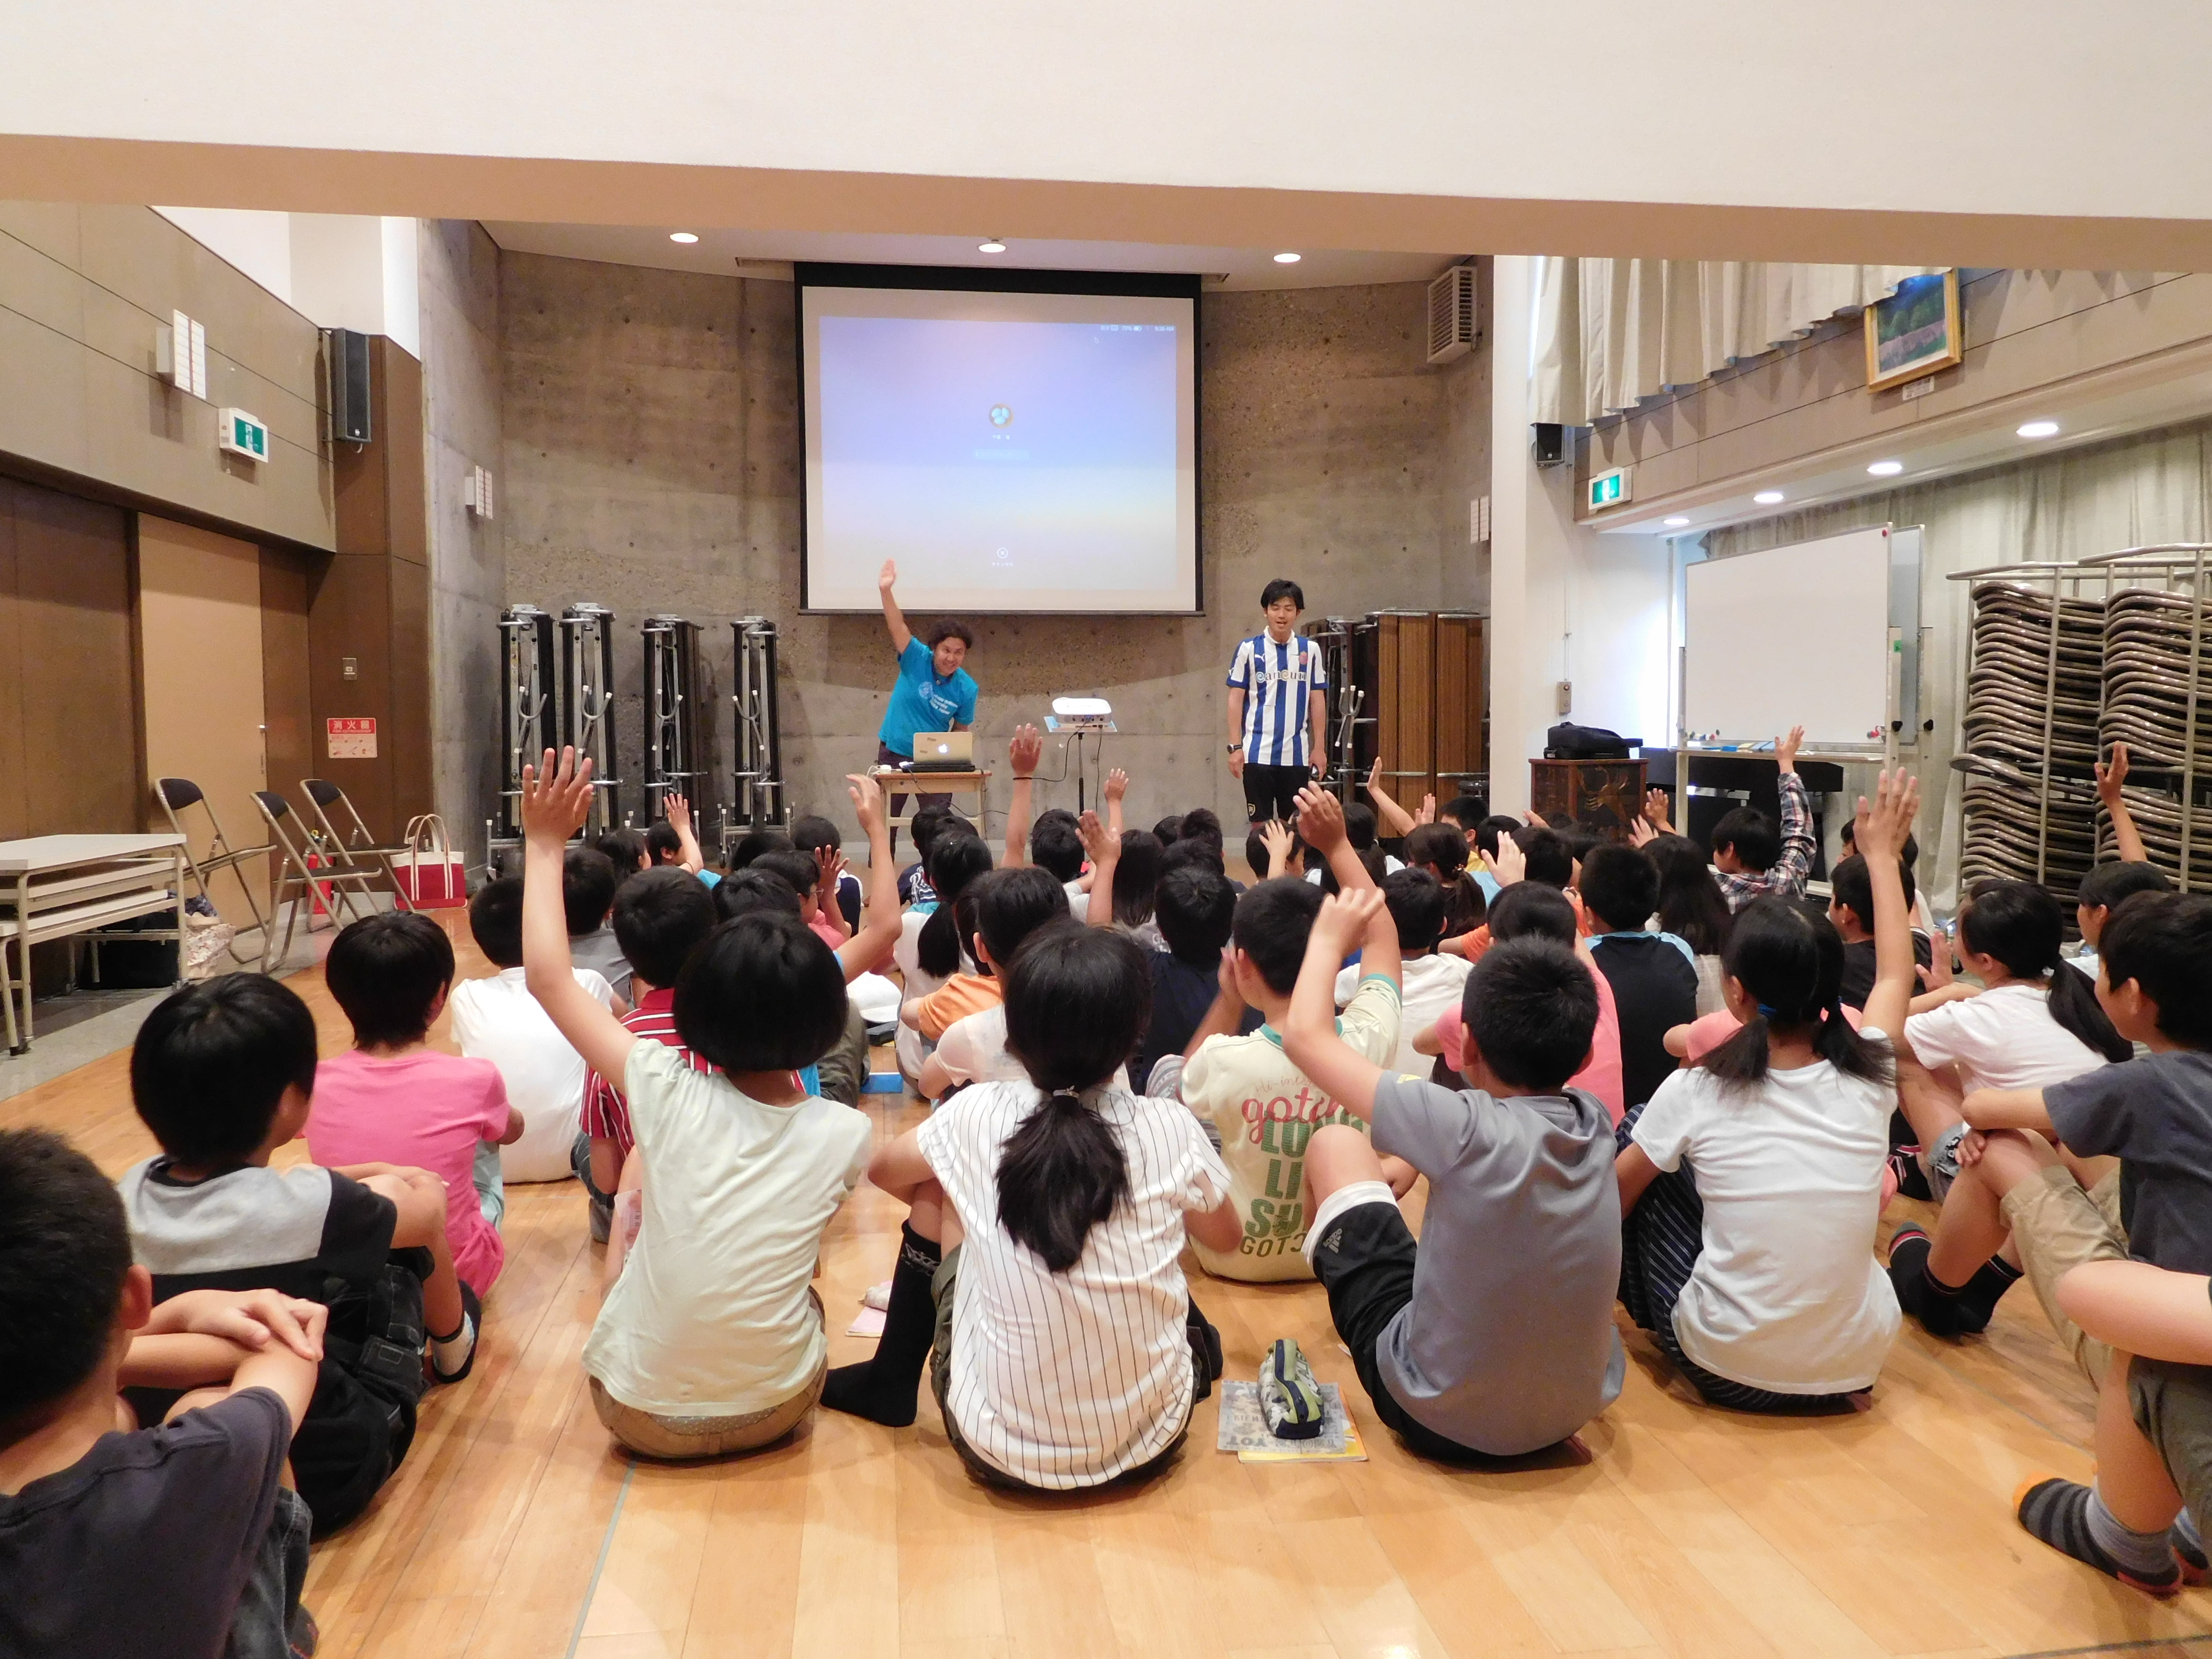 星田小学校でのプレゼンテーションのようす